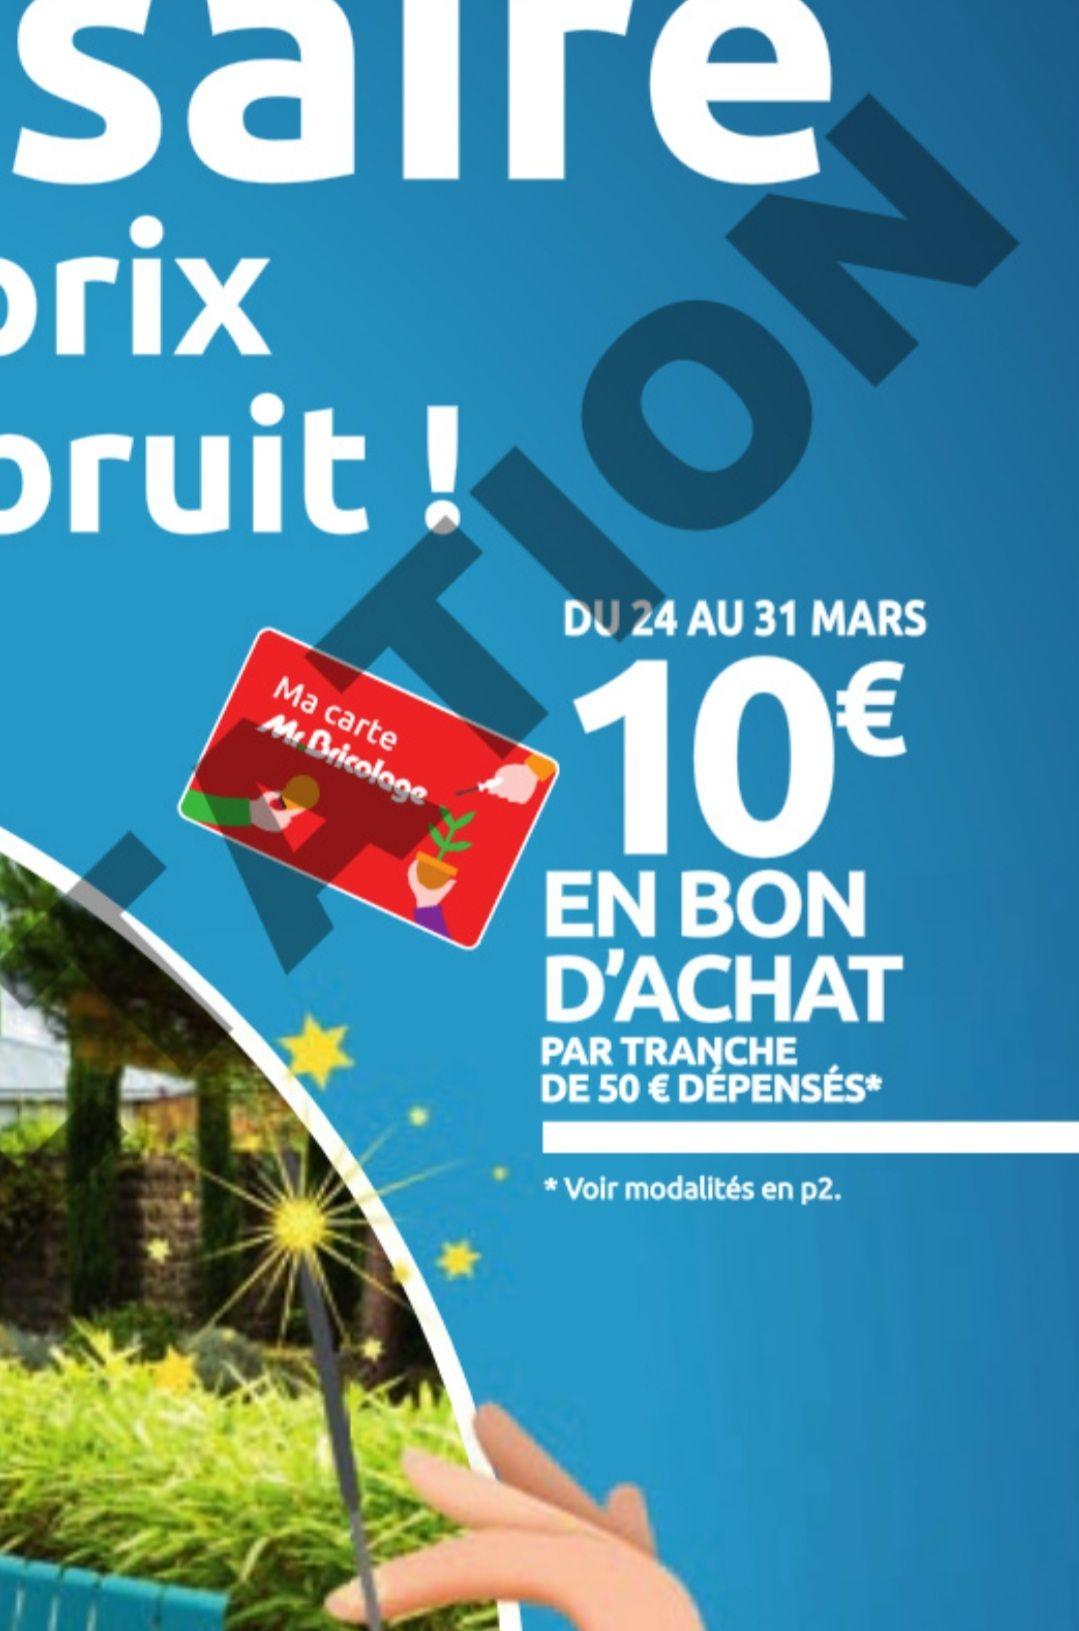 10€ offerts en bon d'achat par tranche de 50€ dépensés - Toulon (83)